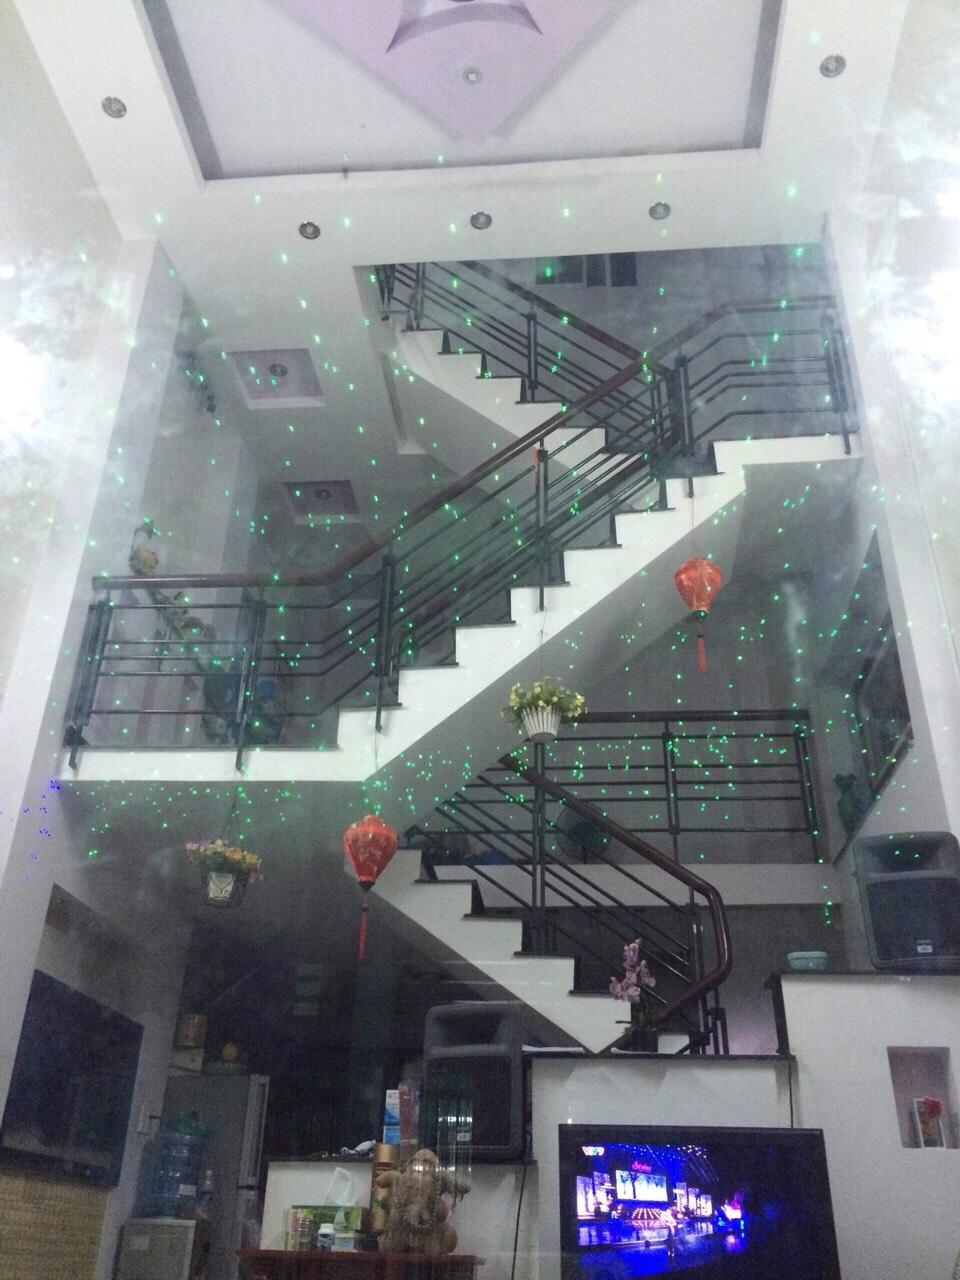 Bán nhà đường Lô Tư phường Bình Hưng Hòa A quận Bình Tân gần chợ Gò Xoài